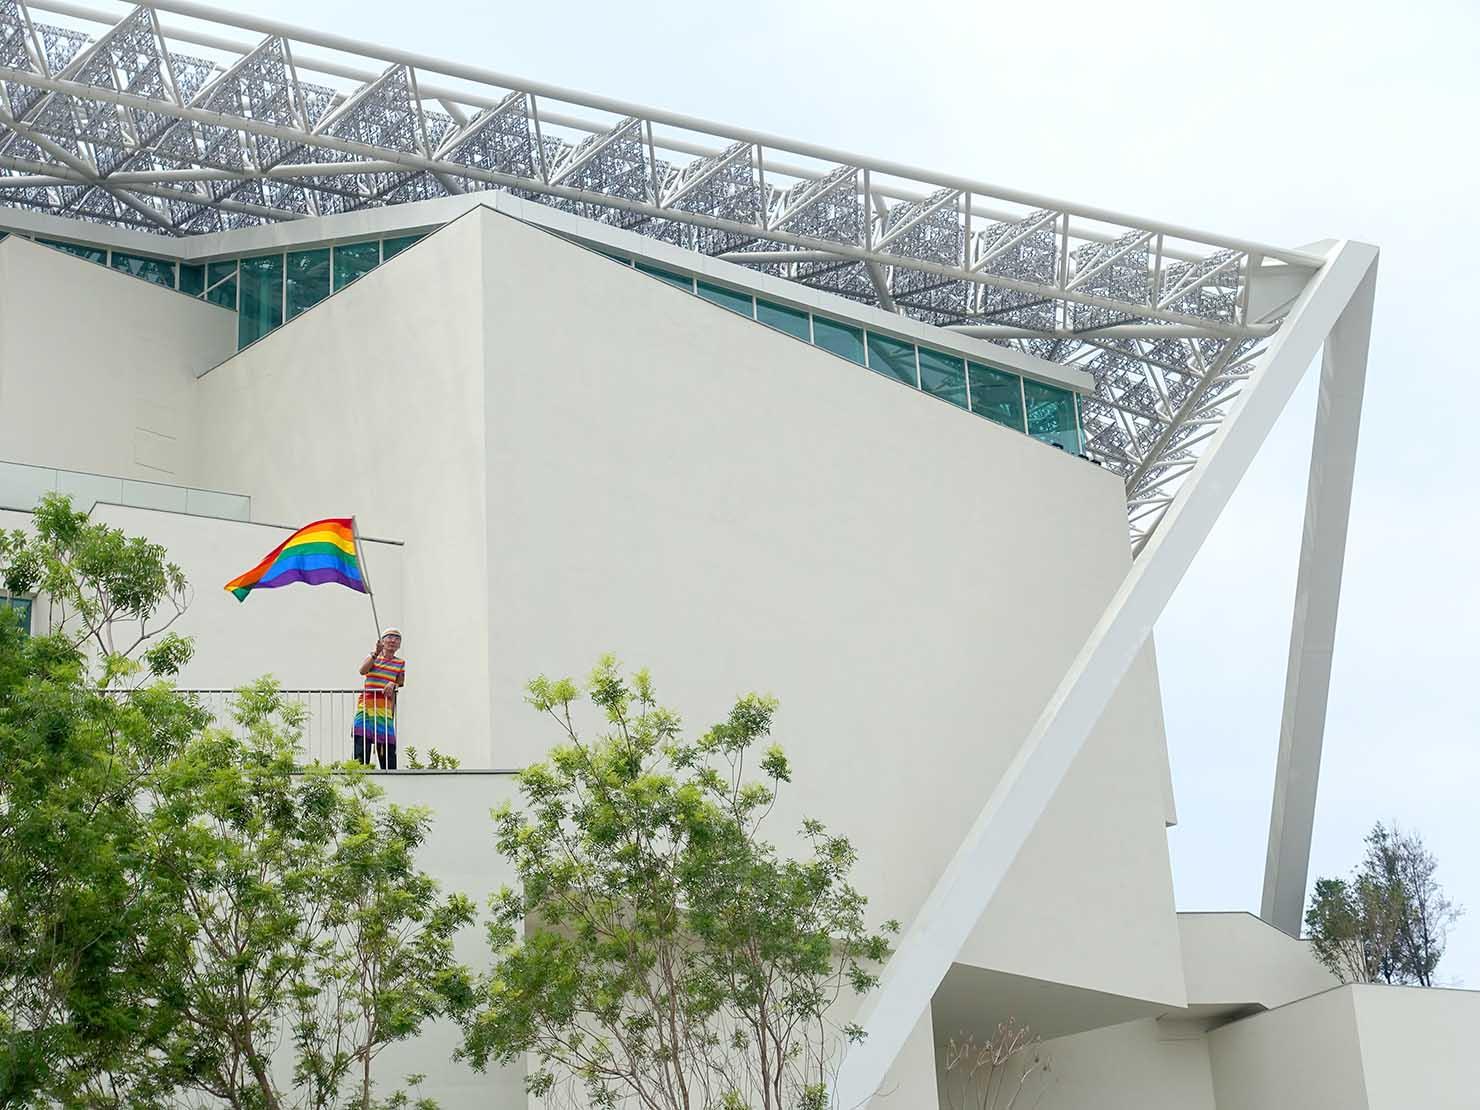 台南彩虹遊行(台南レインボーパレード)2019で美術館2館からレインボーフラッグを振る祁家威氏